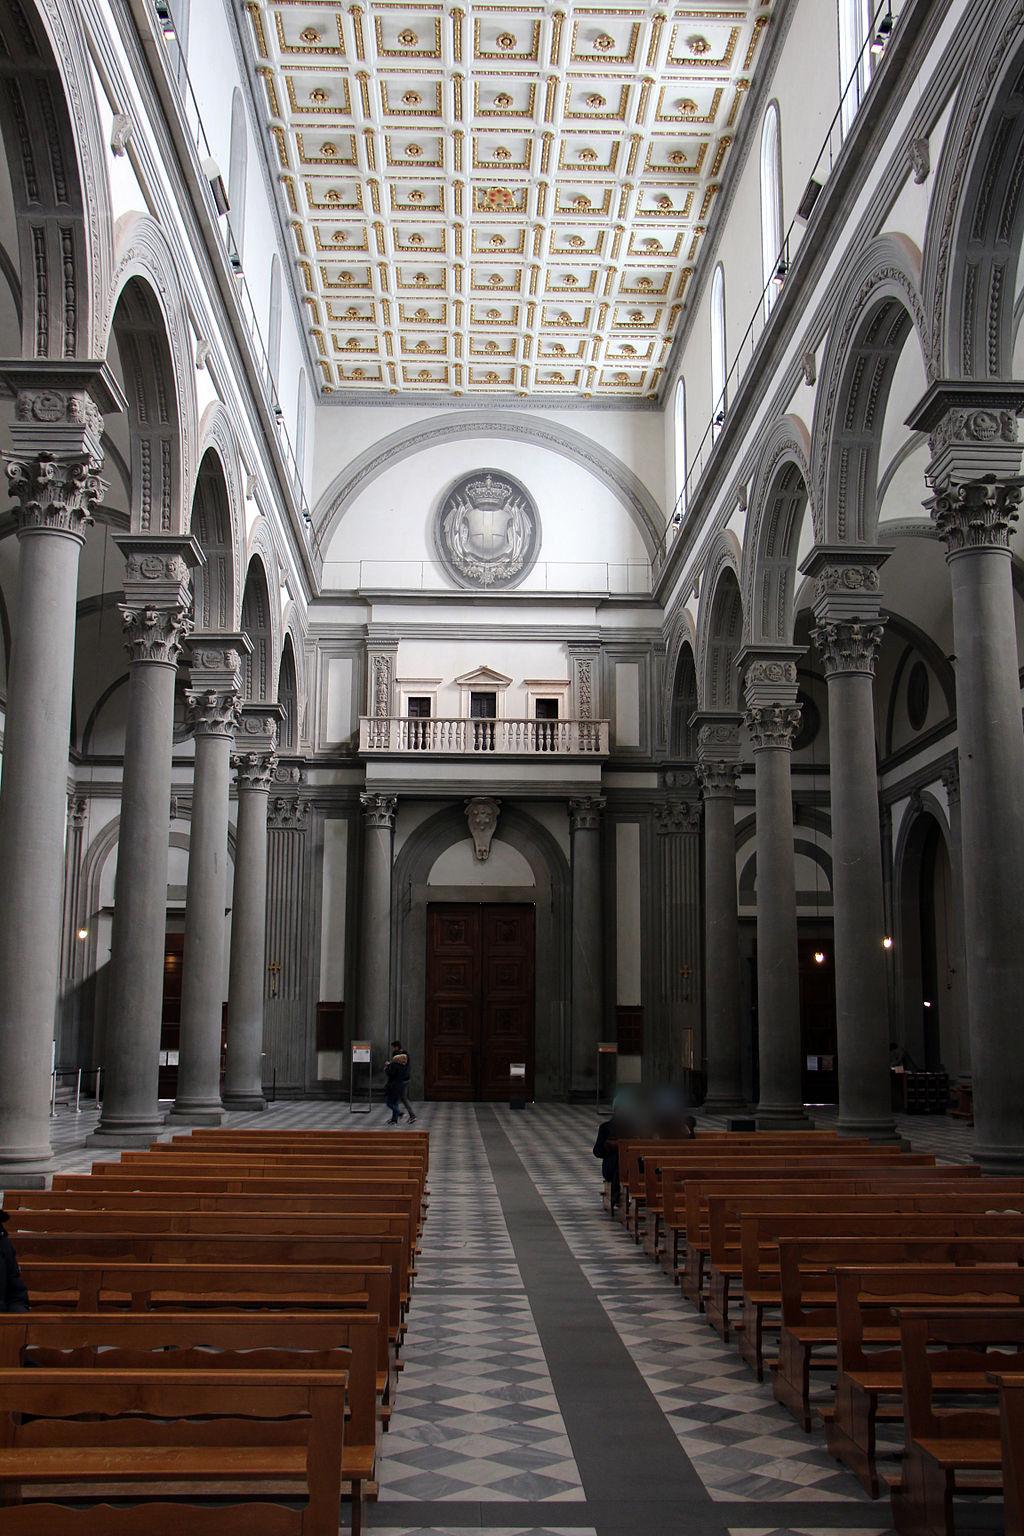 San lorenzo, tribuna delle reliquie di michelangelo, 01